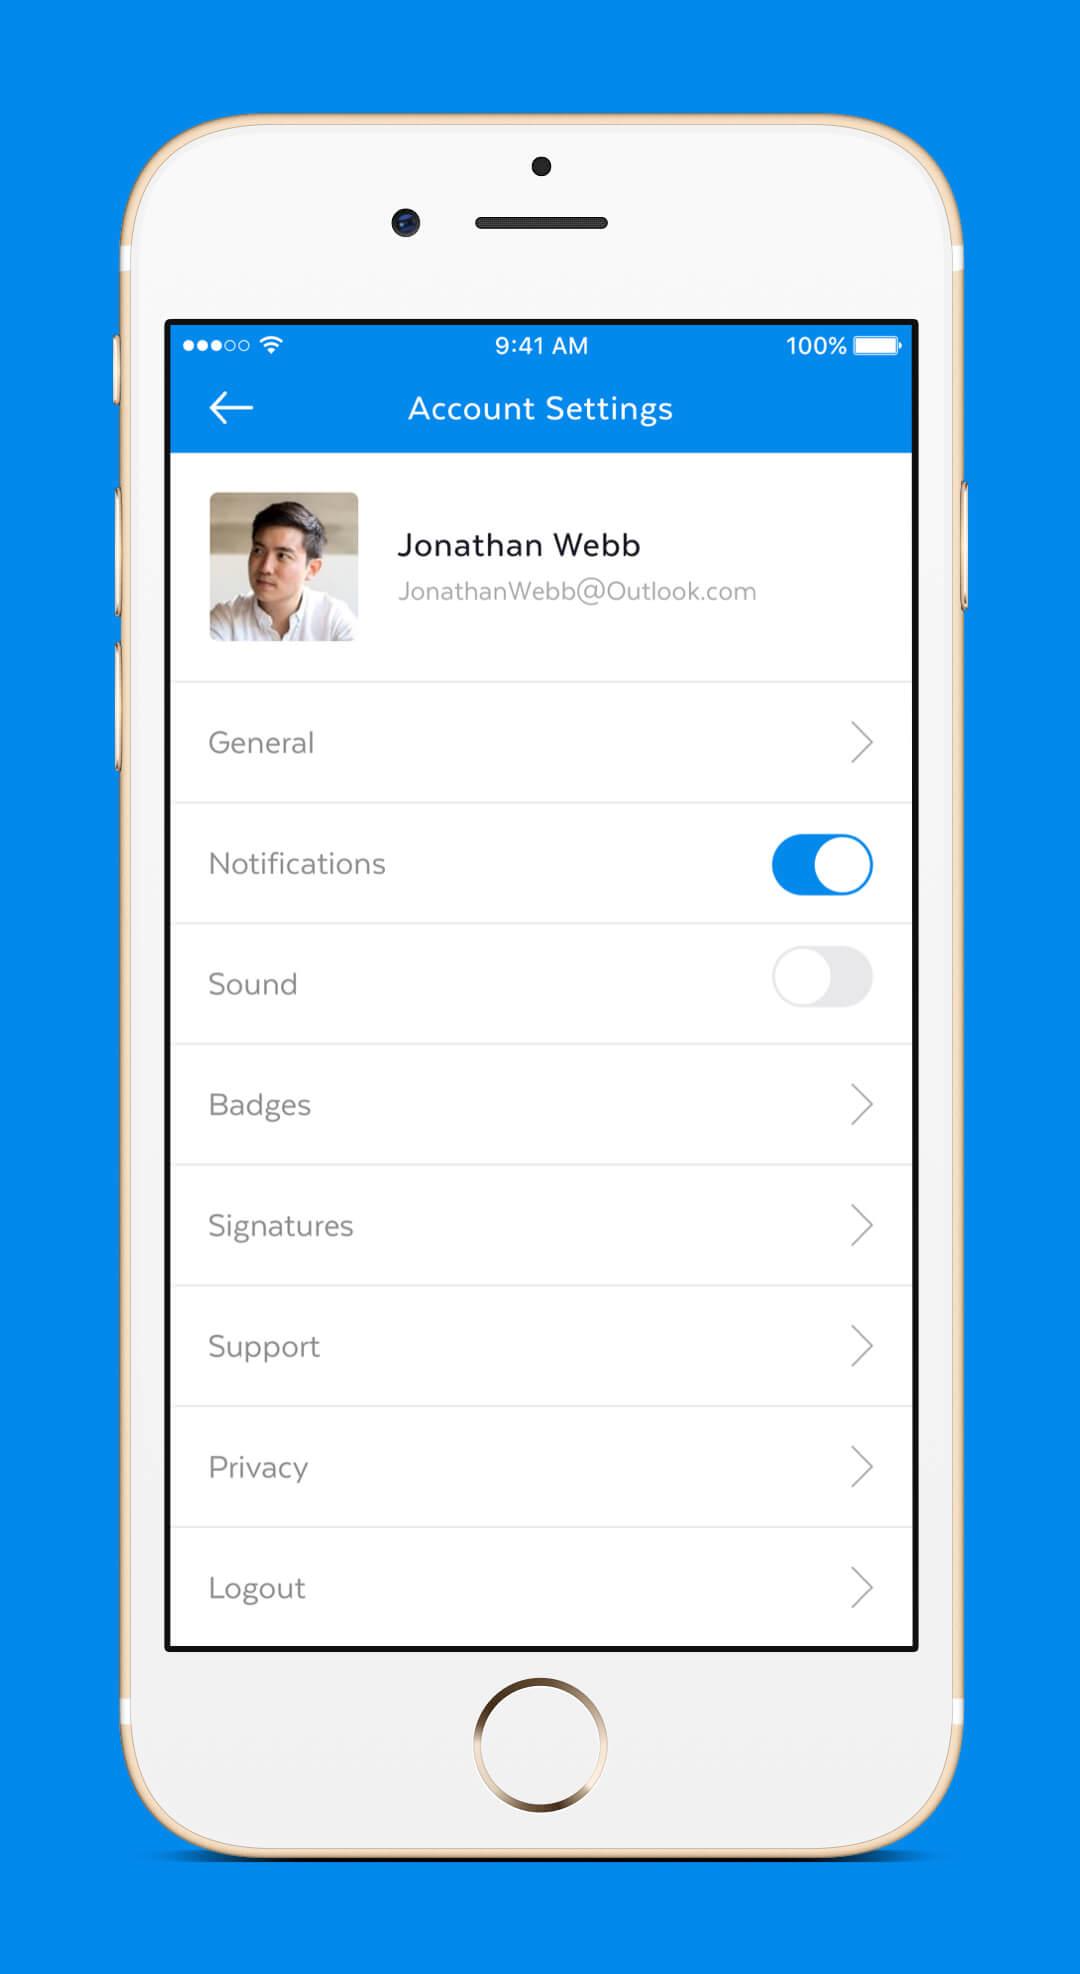 Mobile Mail App - Settings Screen